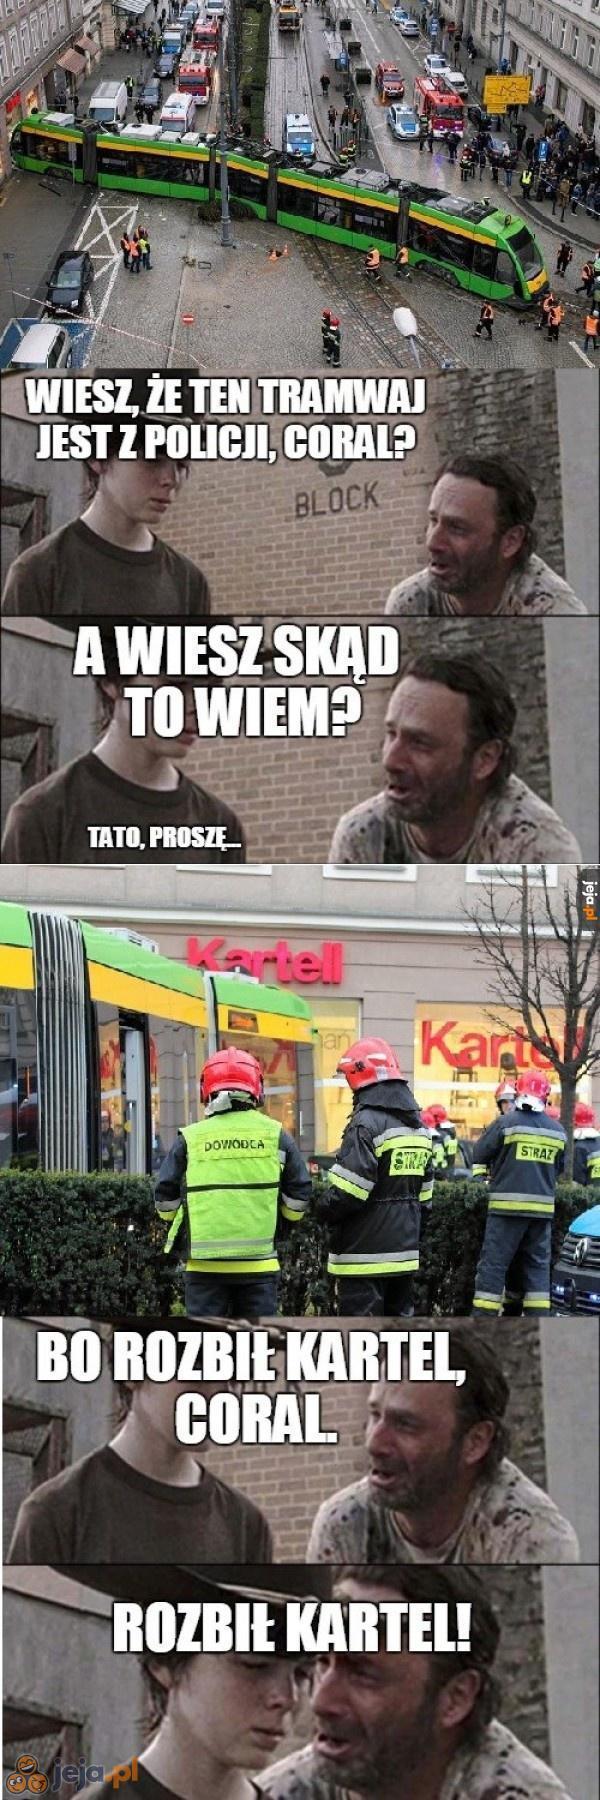 Tak się bawią w Poznaniu